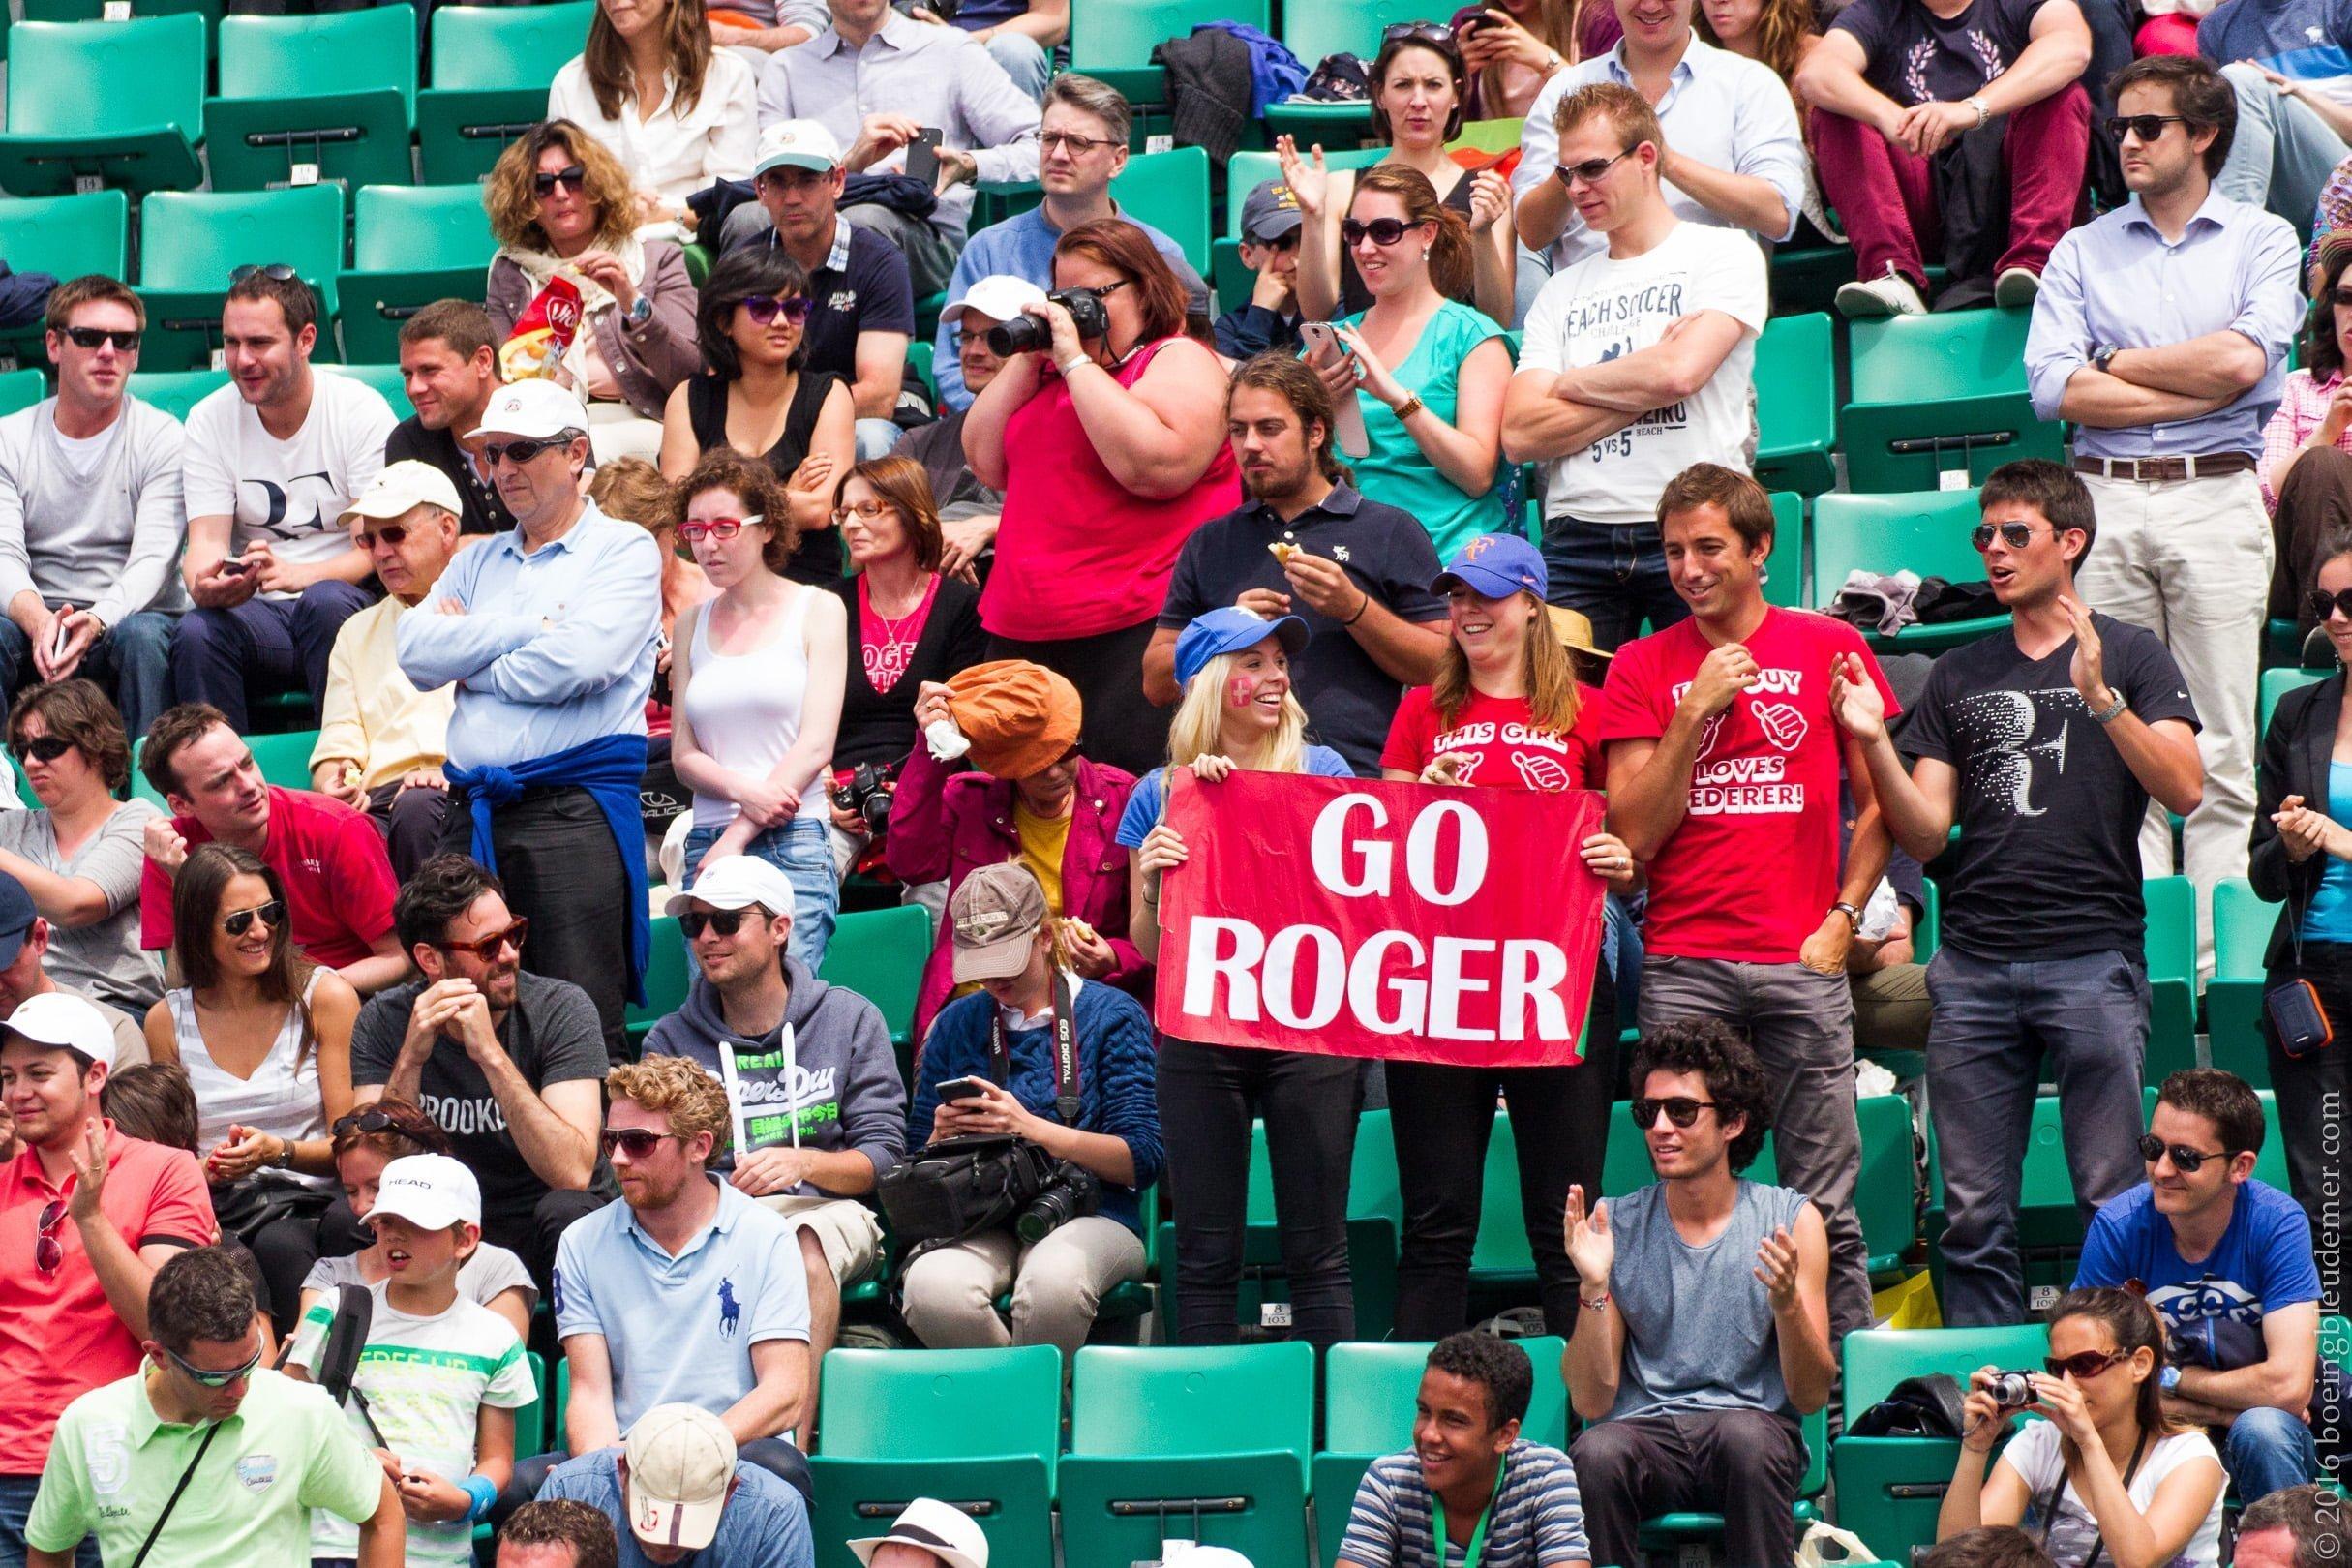 Roland Garros: Go Roger